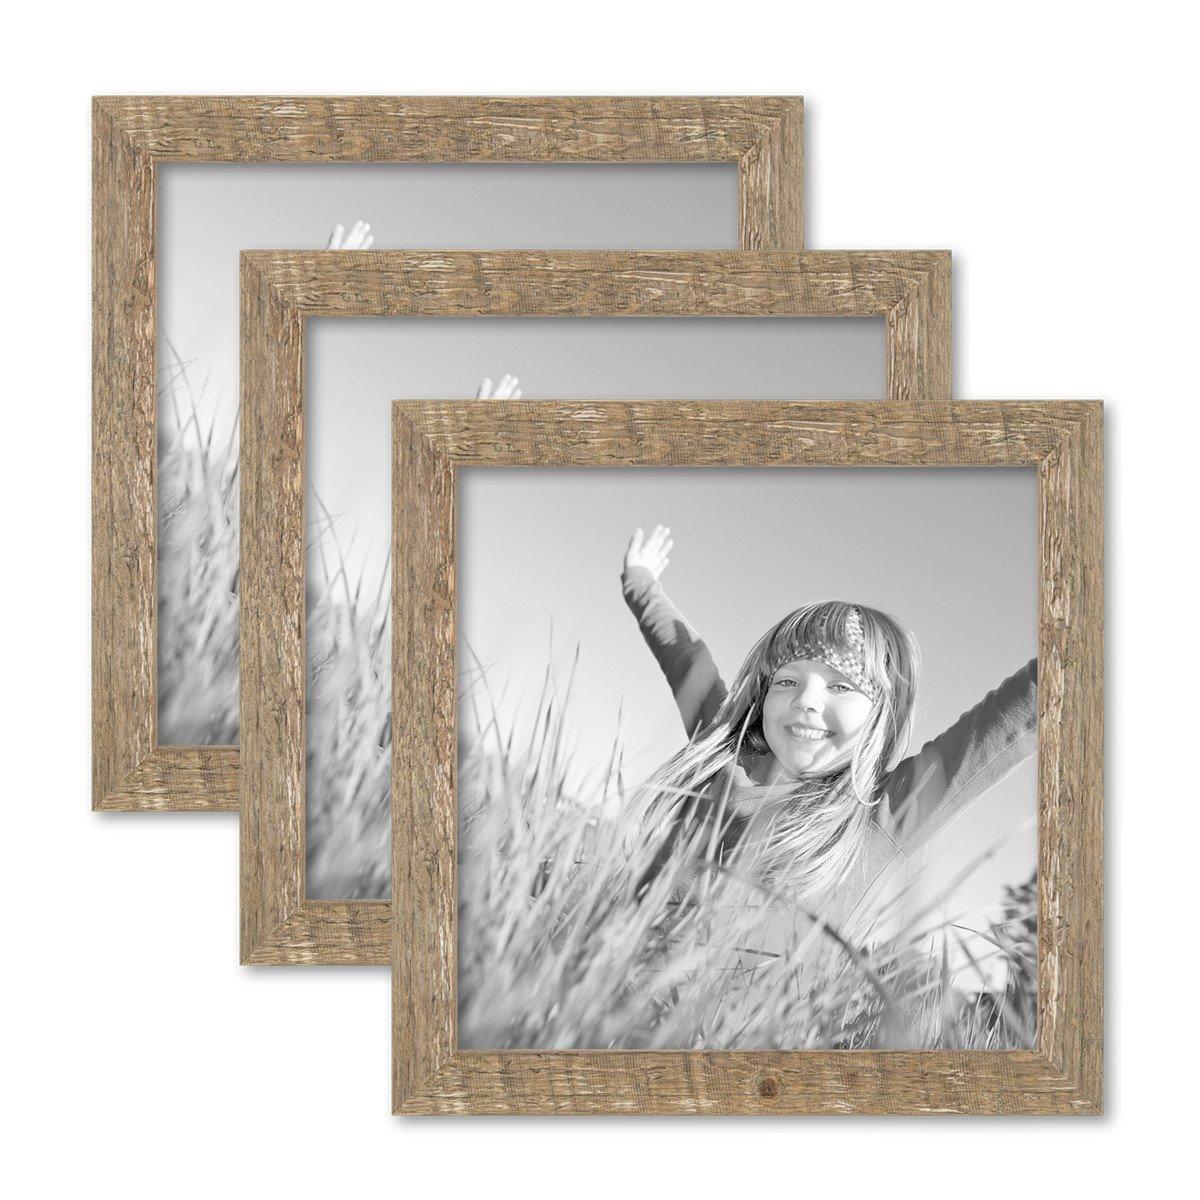 PHOTOLINI 3er Bilderrahmen-Set 30x30 cm Strandhaus Rustikal Eiche-Optik Natur Massivholz mit Glasscheibe inkl. Zubehör Fotorahmen